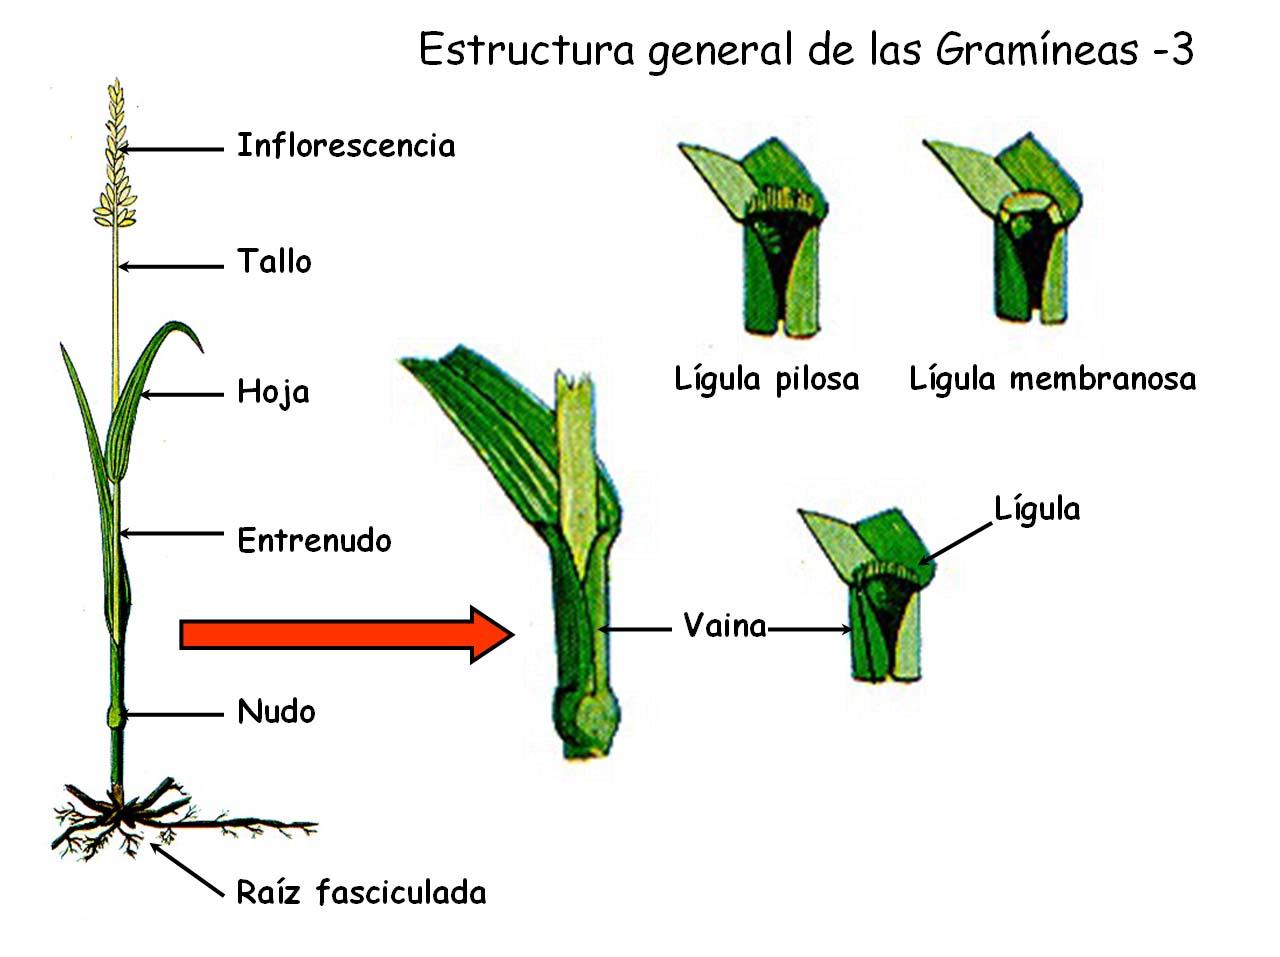 Perfecto Diagrama De Planta Anatomía Adorno - Imágenes de Anatomía ...